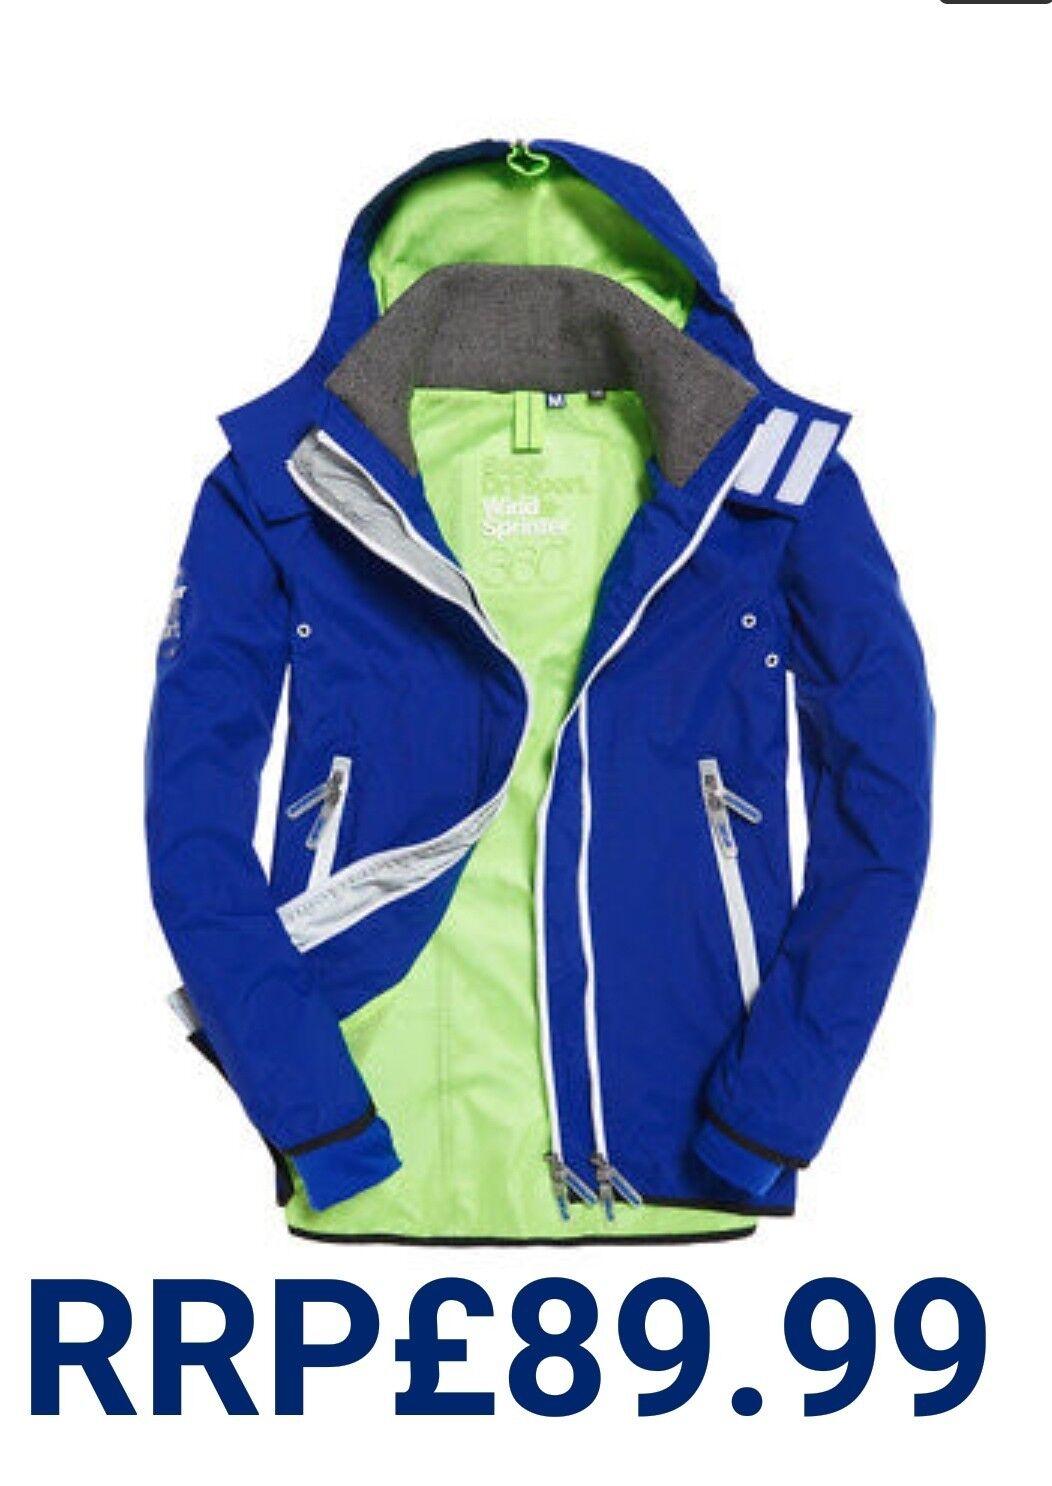 Nuevo PVP .99 Gran Tamaño 40 para hombre  de súperdry Sprint Chaqueta De Invierno Abrigo Azul Real  grandes precios de descuento